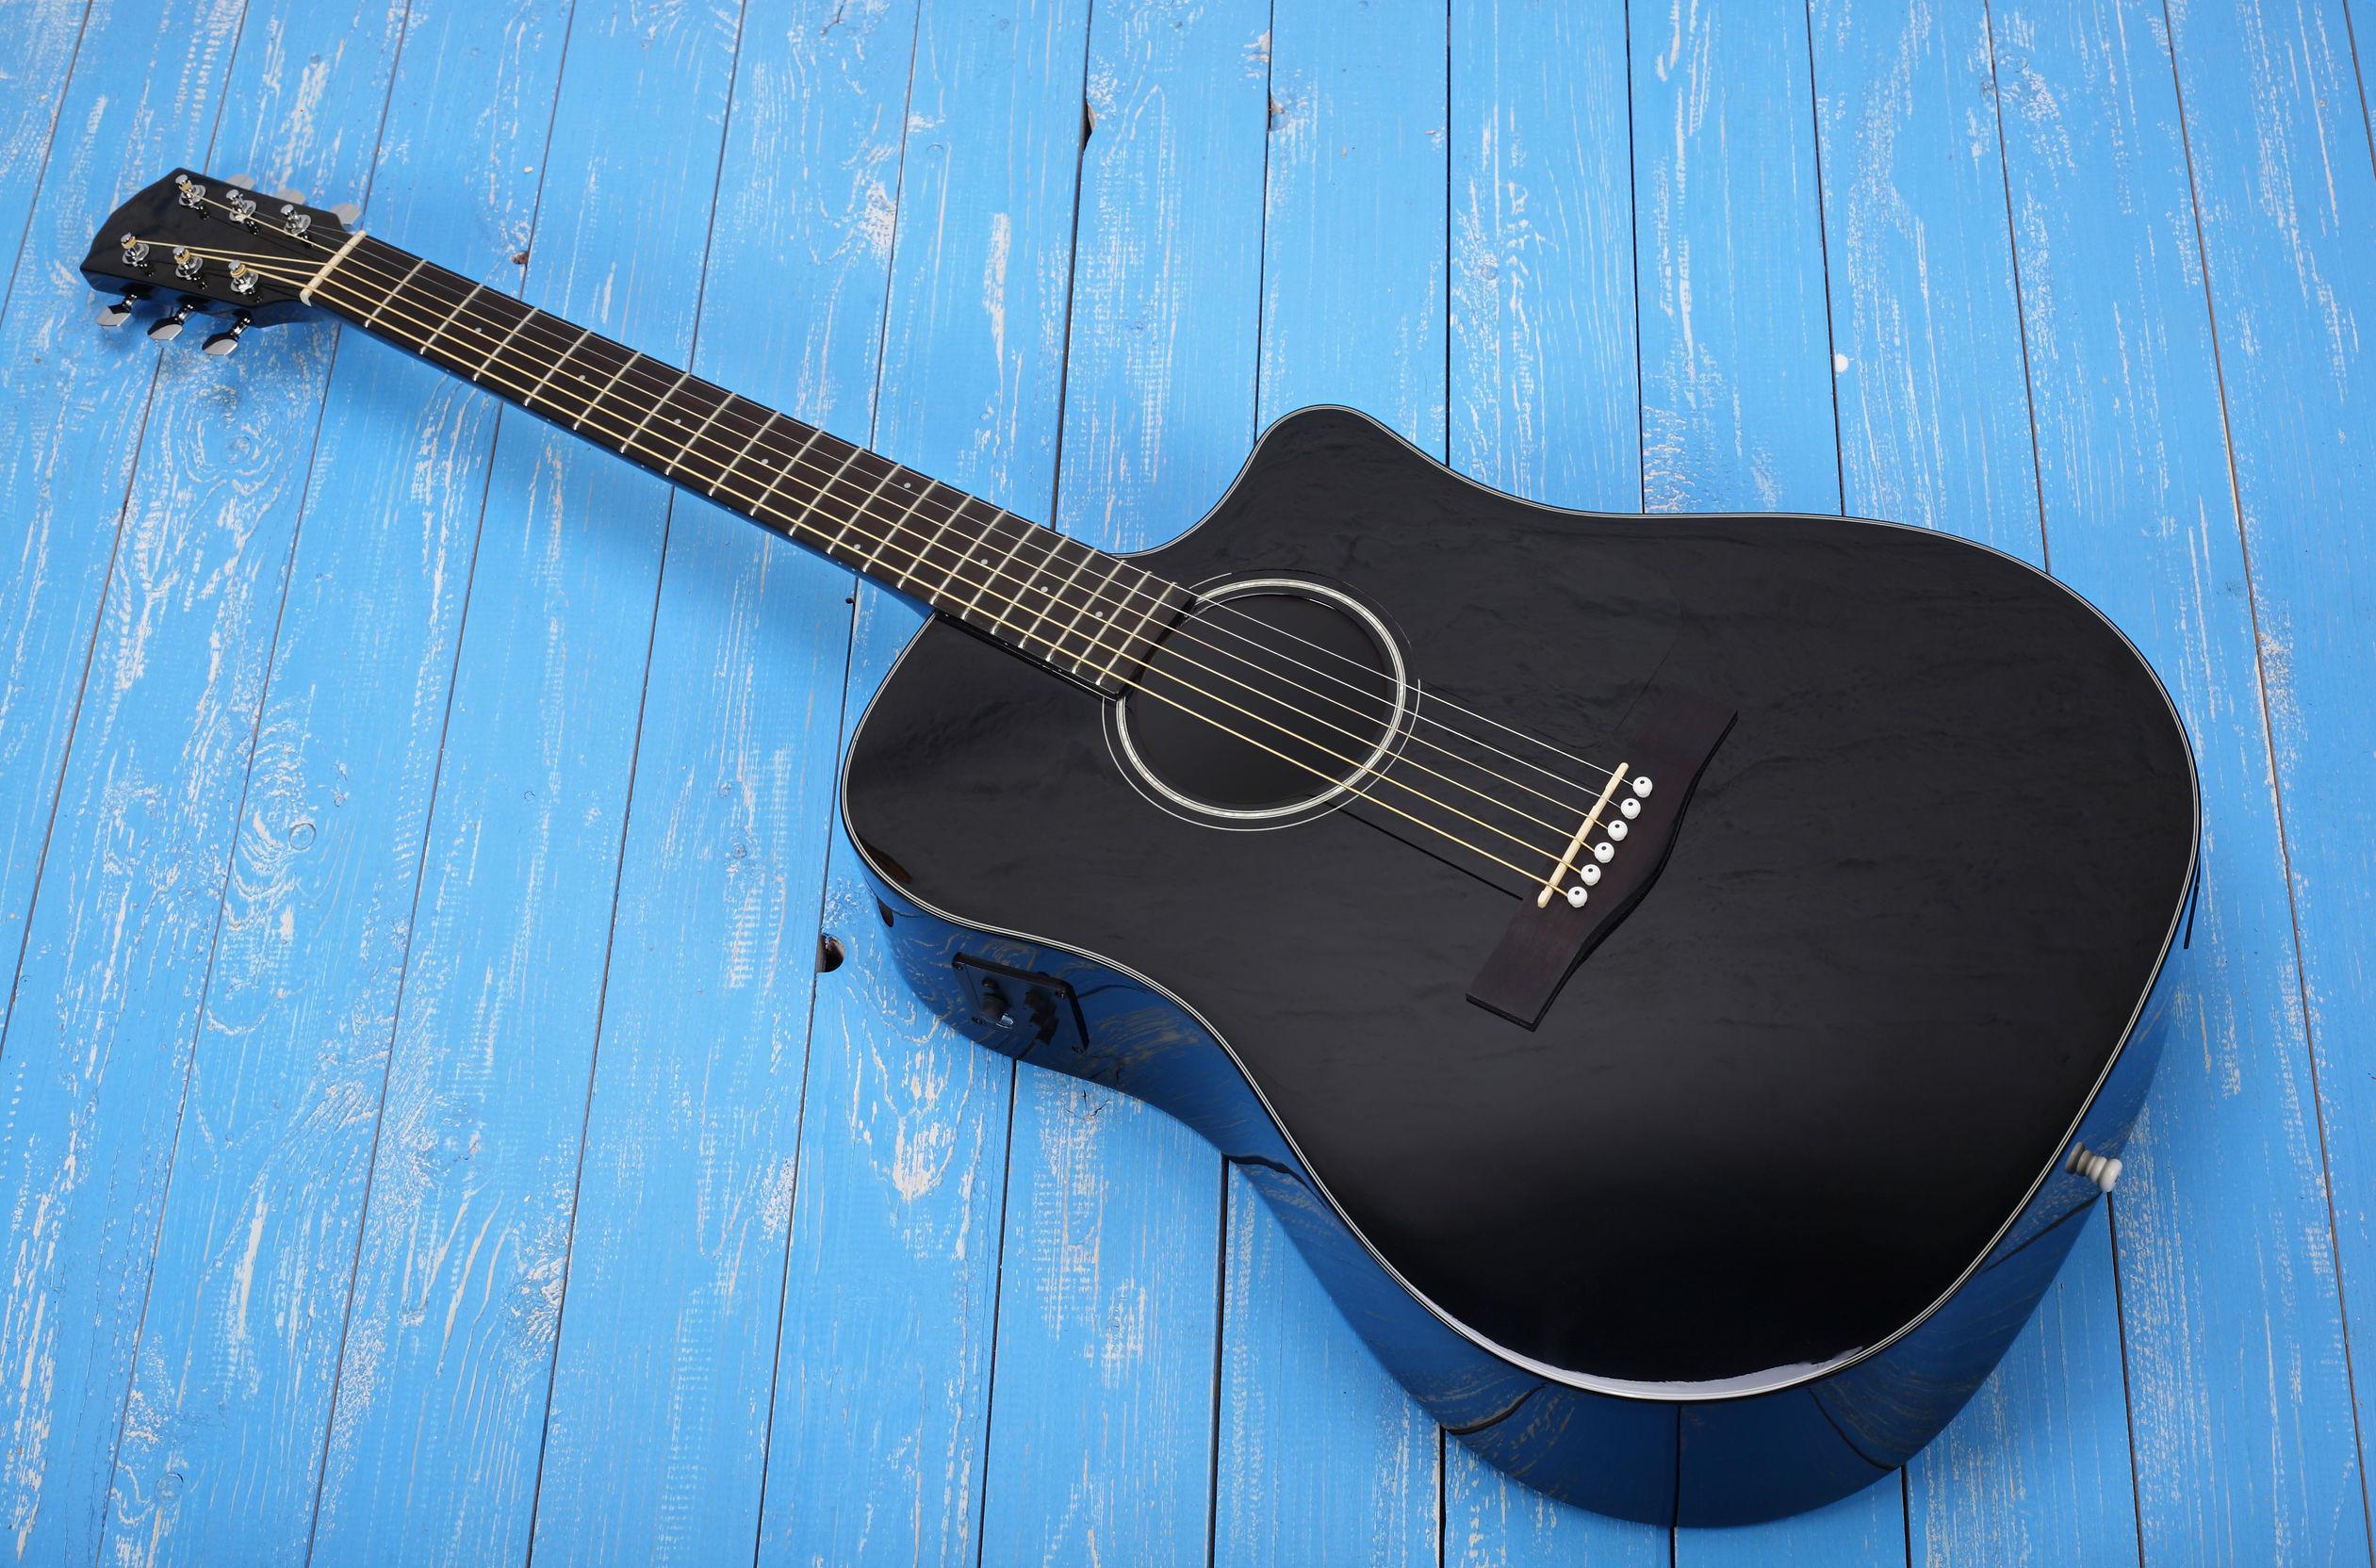 Guitarra electroacústica: ¿Cuál es la mejor del 2021?